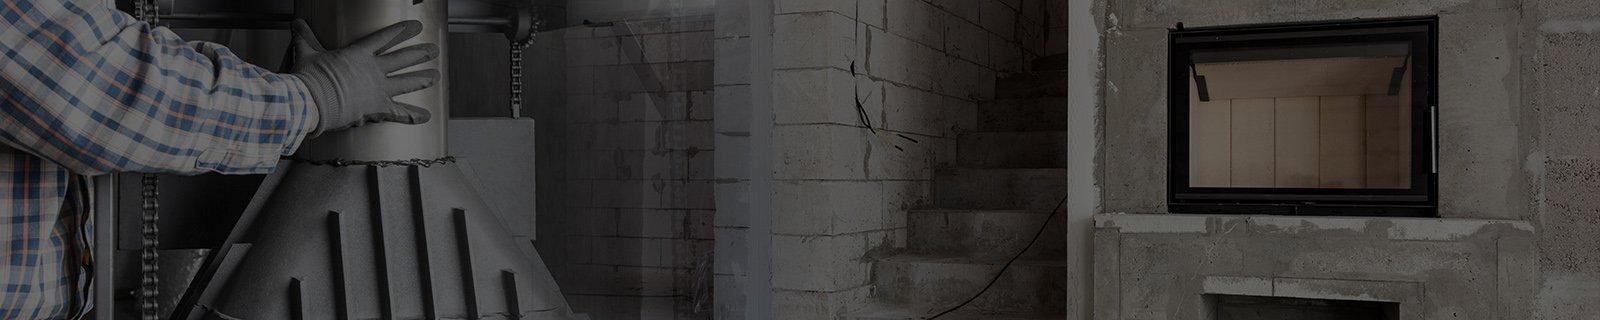 Чугунное литье для печей в Украине — Чугунные изделия для печей │цены на Kaminoff.ua